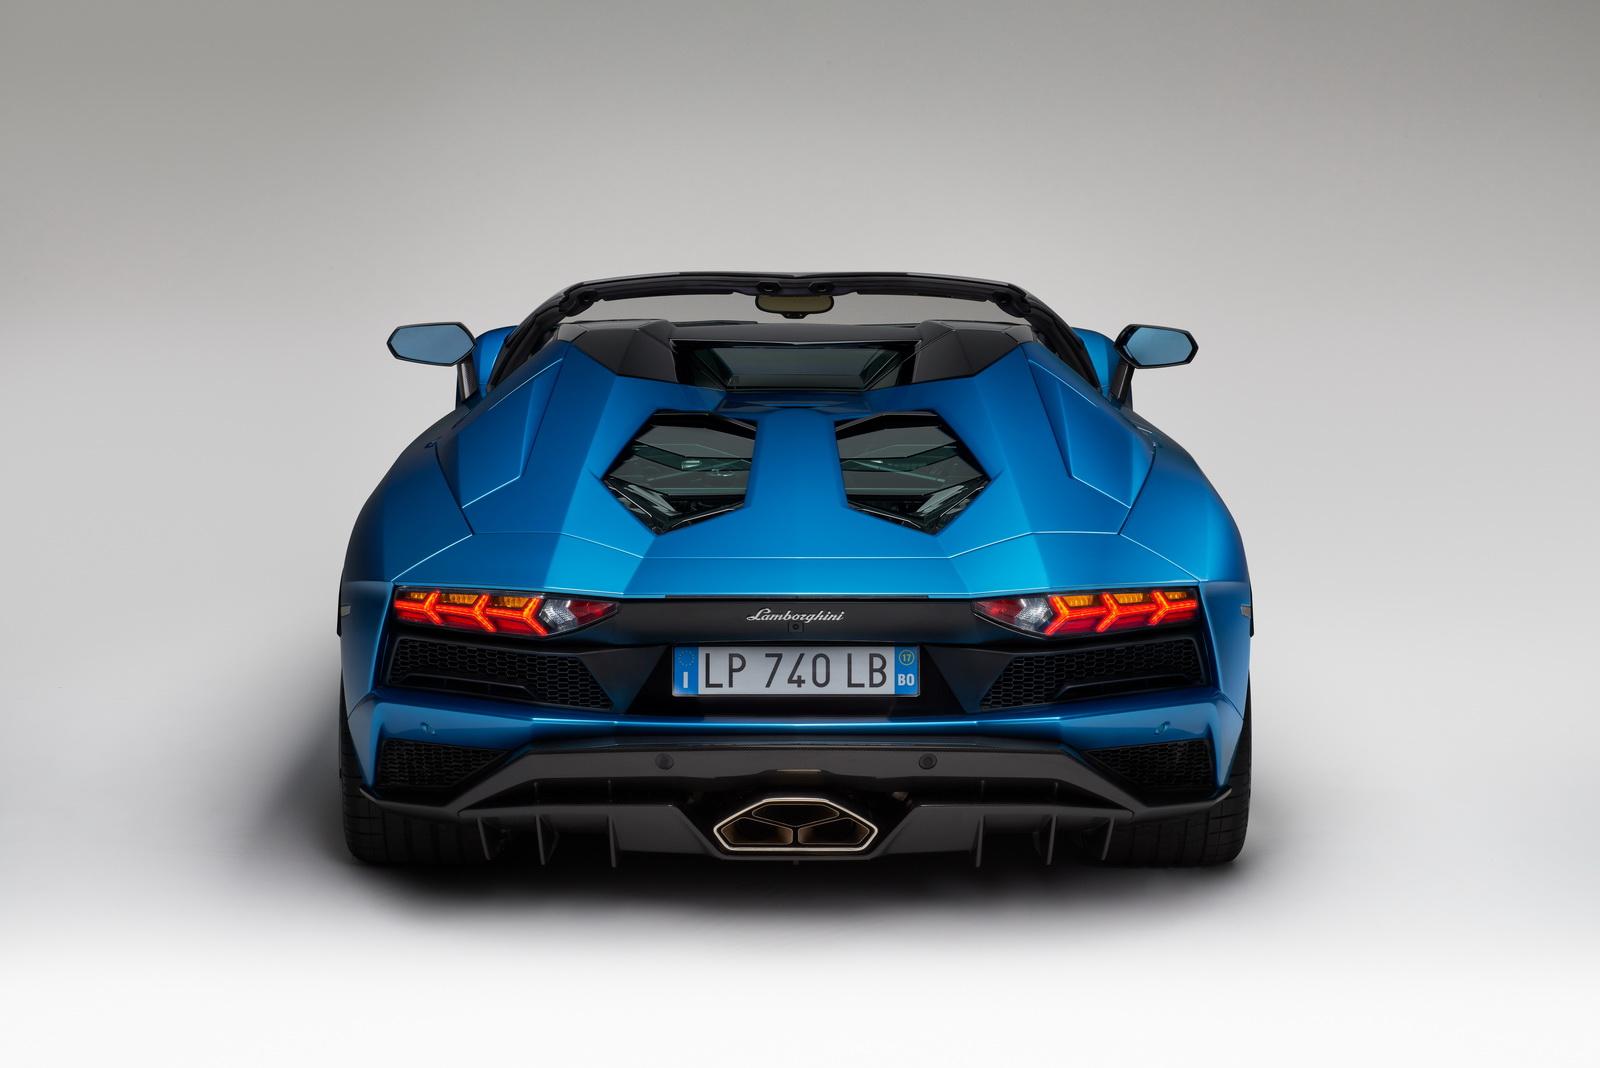 lamborghini-supercars-hibridos_2_-_soymotor.jpg